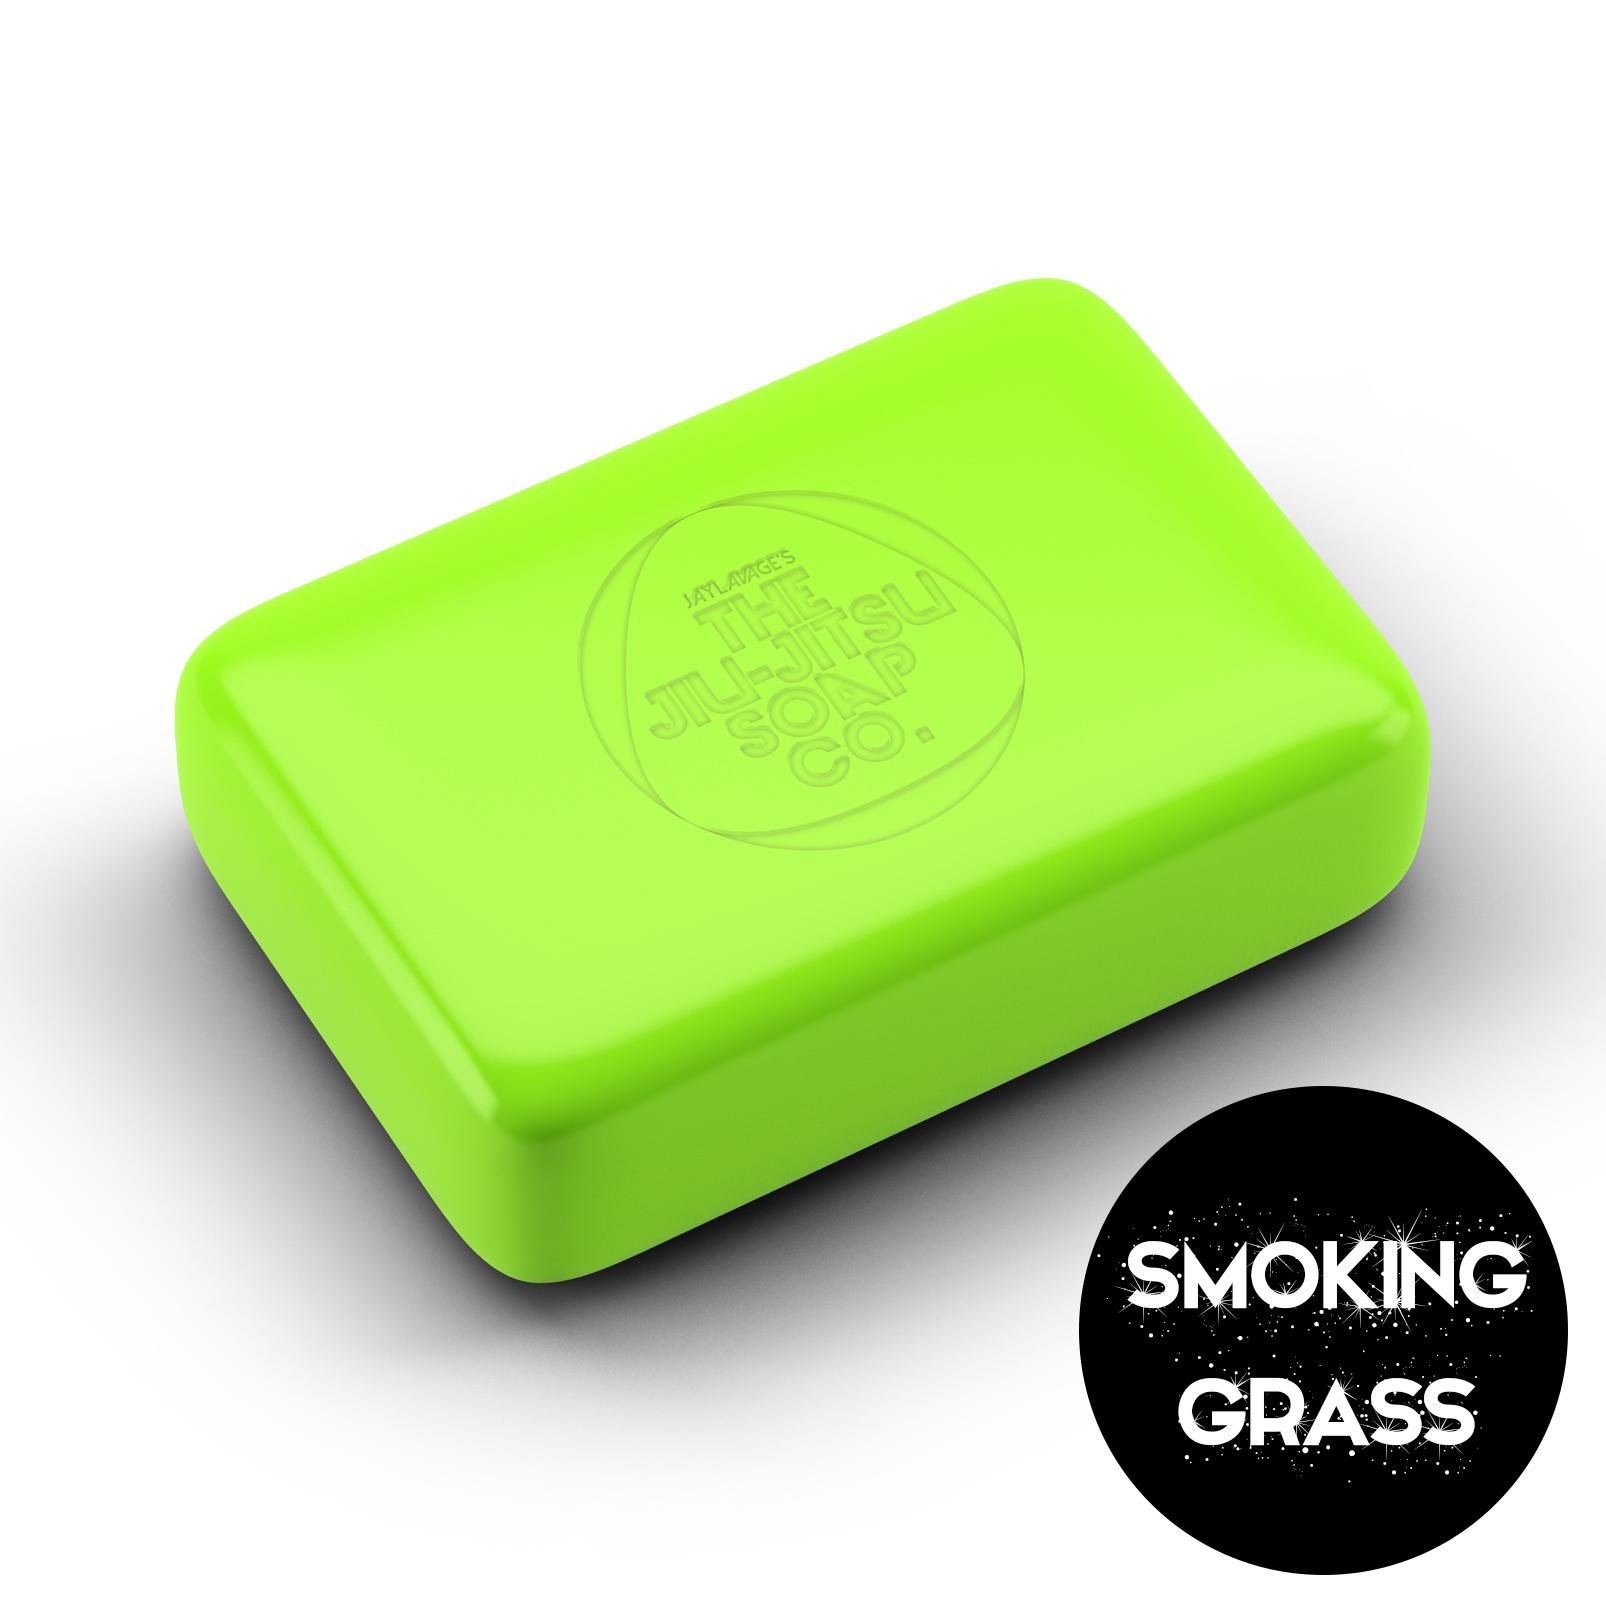 smokinggrassnew.jpg